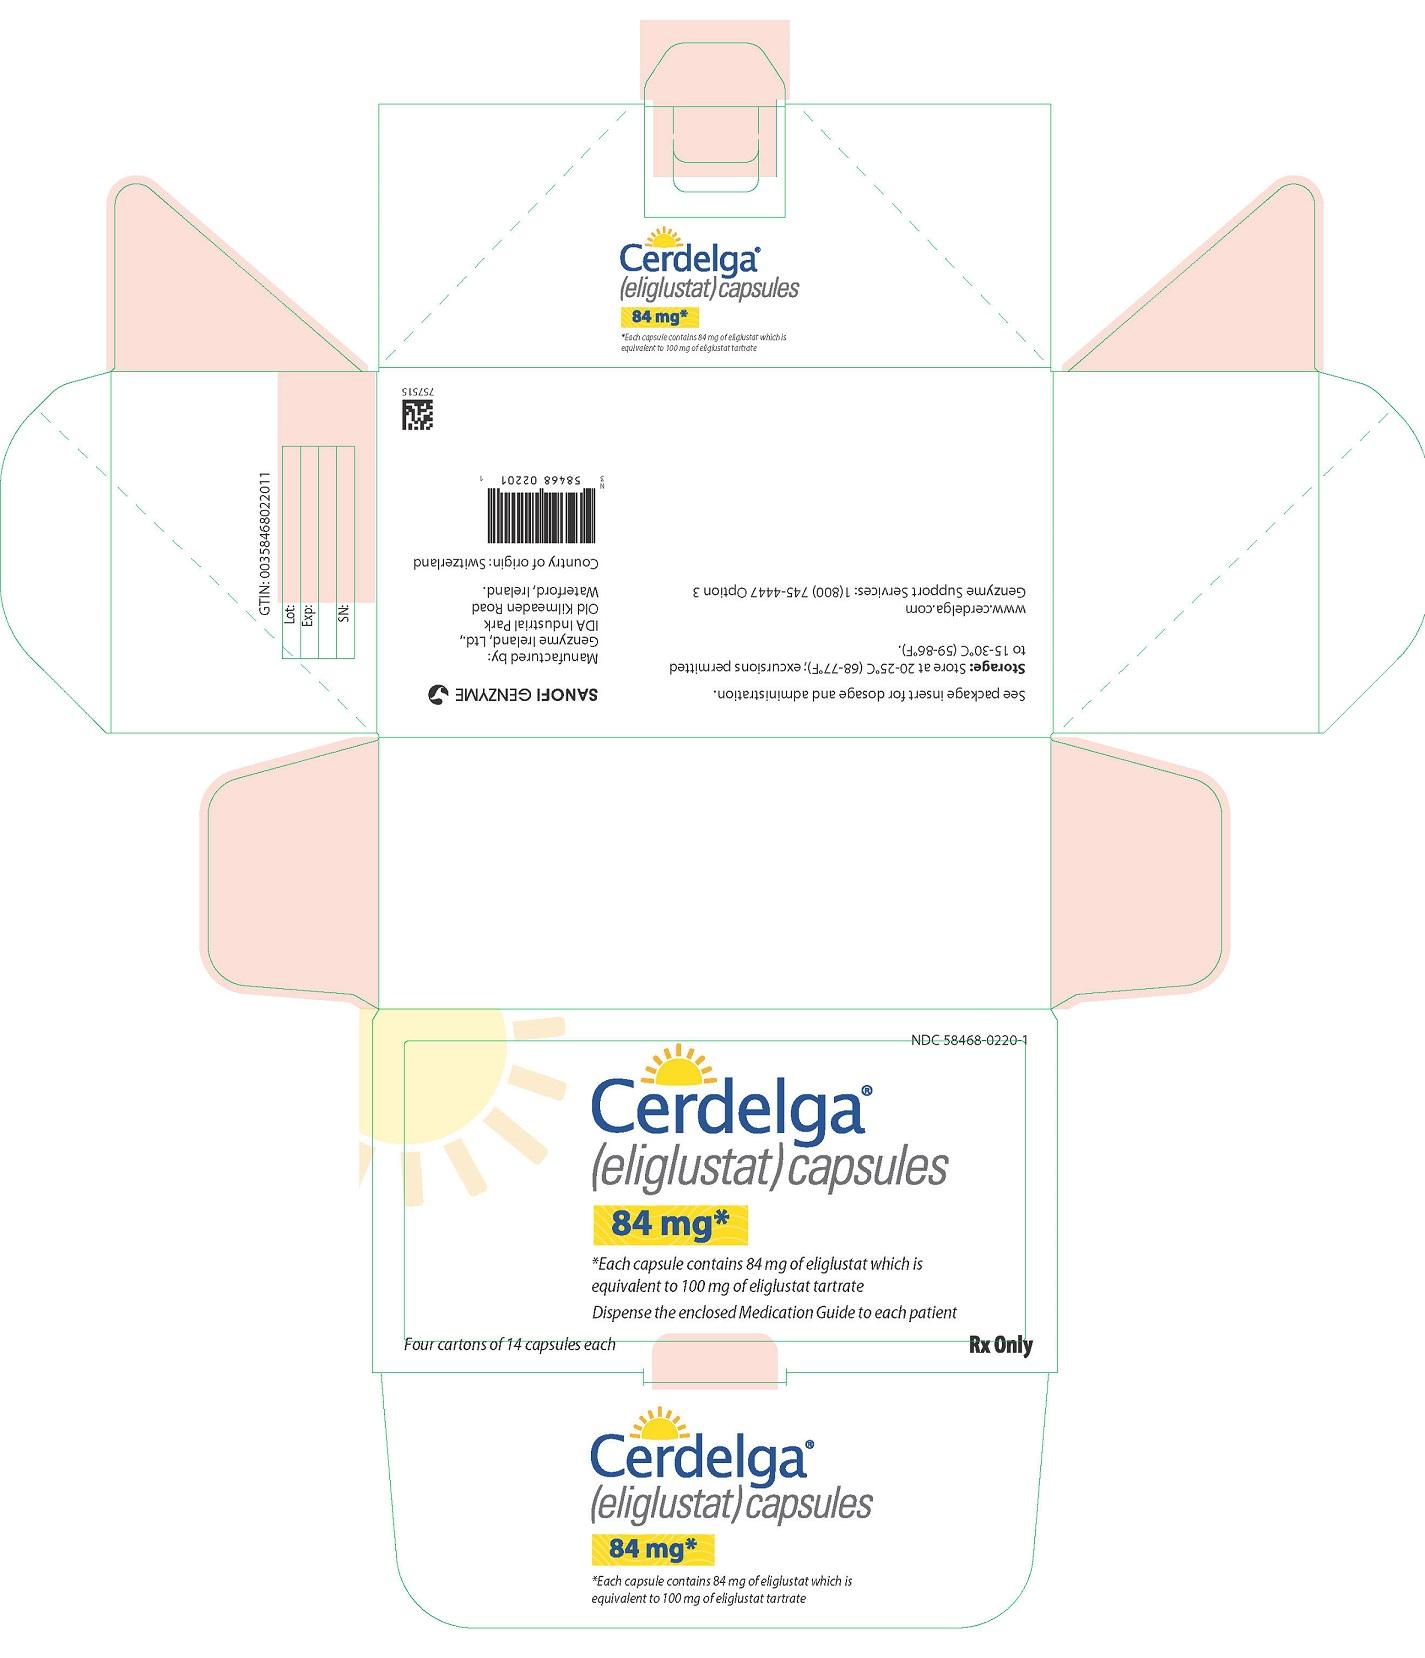 Cerdelga (Eliglustat) Capsule [Genzyme Corporation]